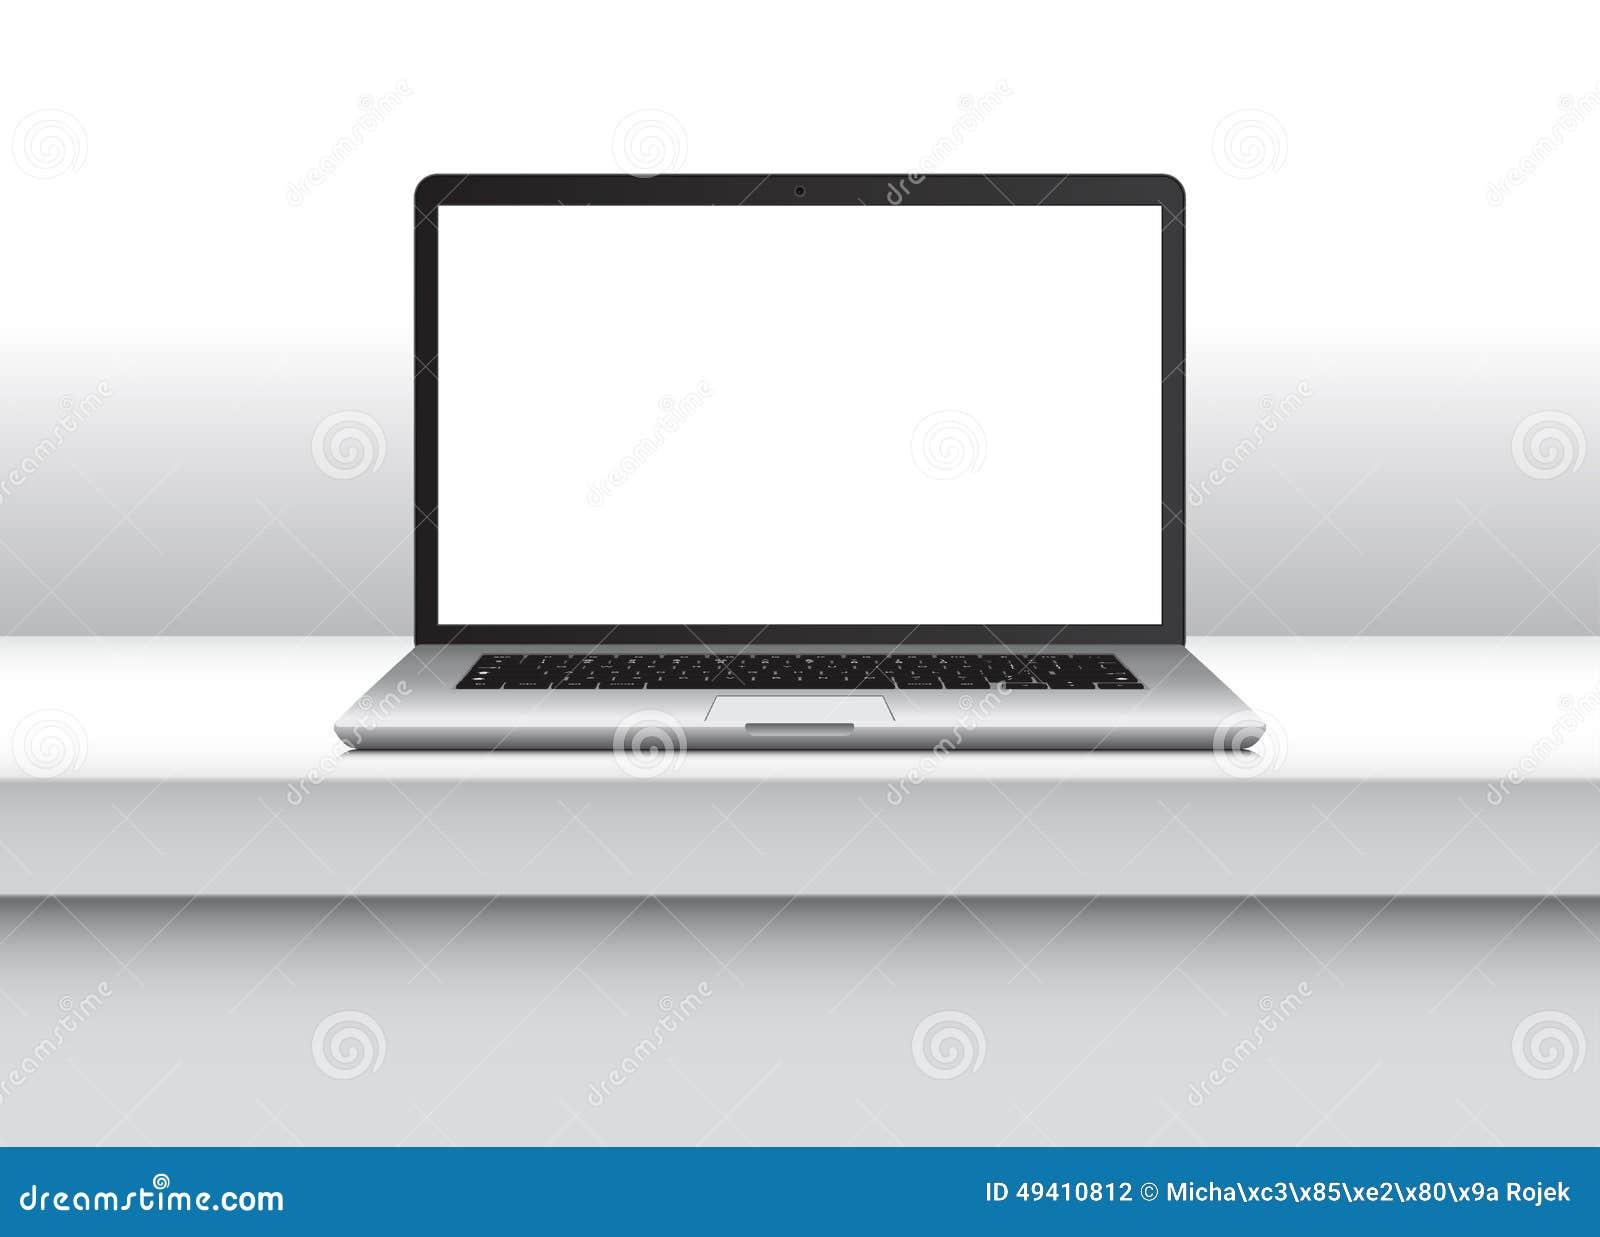 Download Vector Notizbuch, Mit Leerem Bildschirm Auf Schreibtisch Im Büroinnenraum Vektor Abbildung - Illustration von büro, innen: 49410812